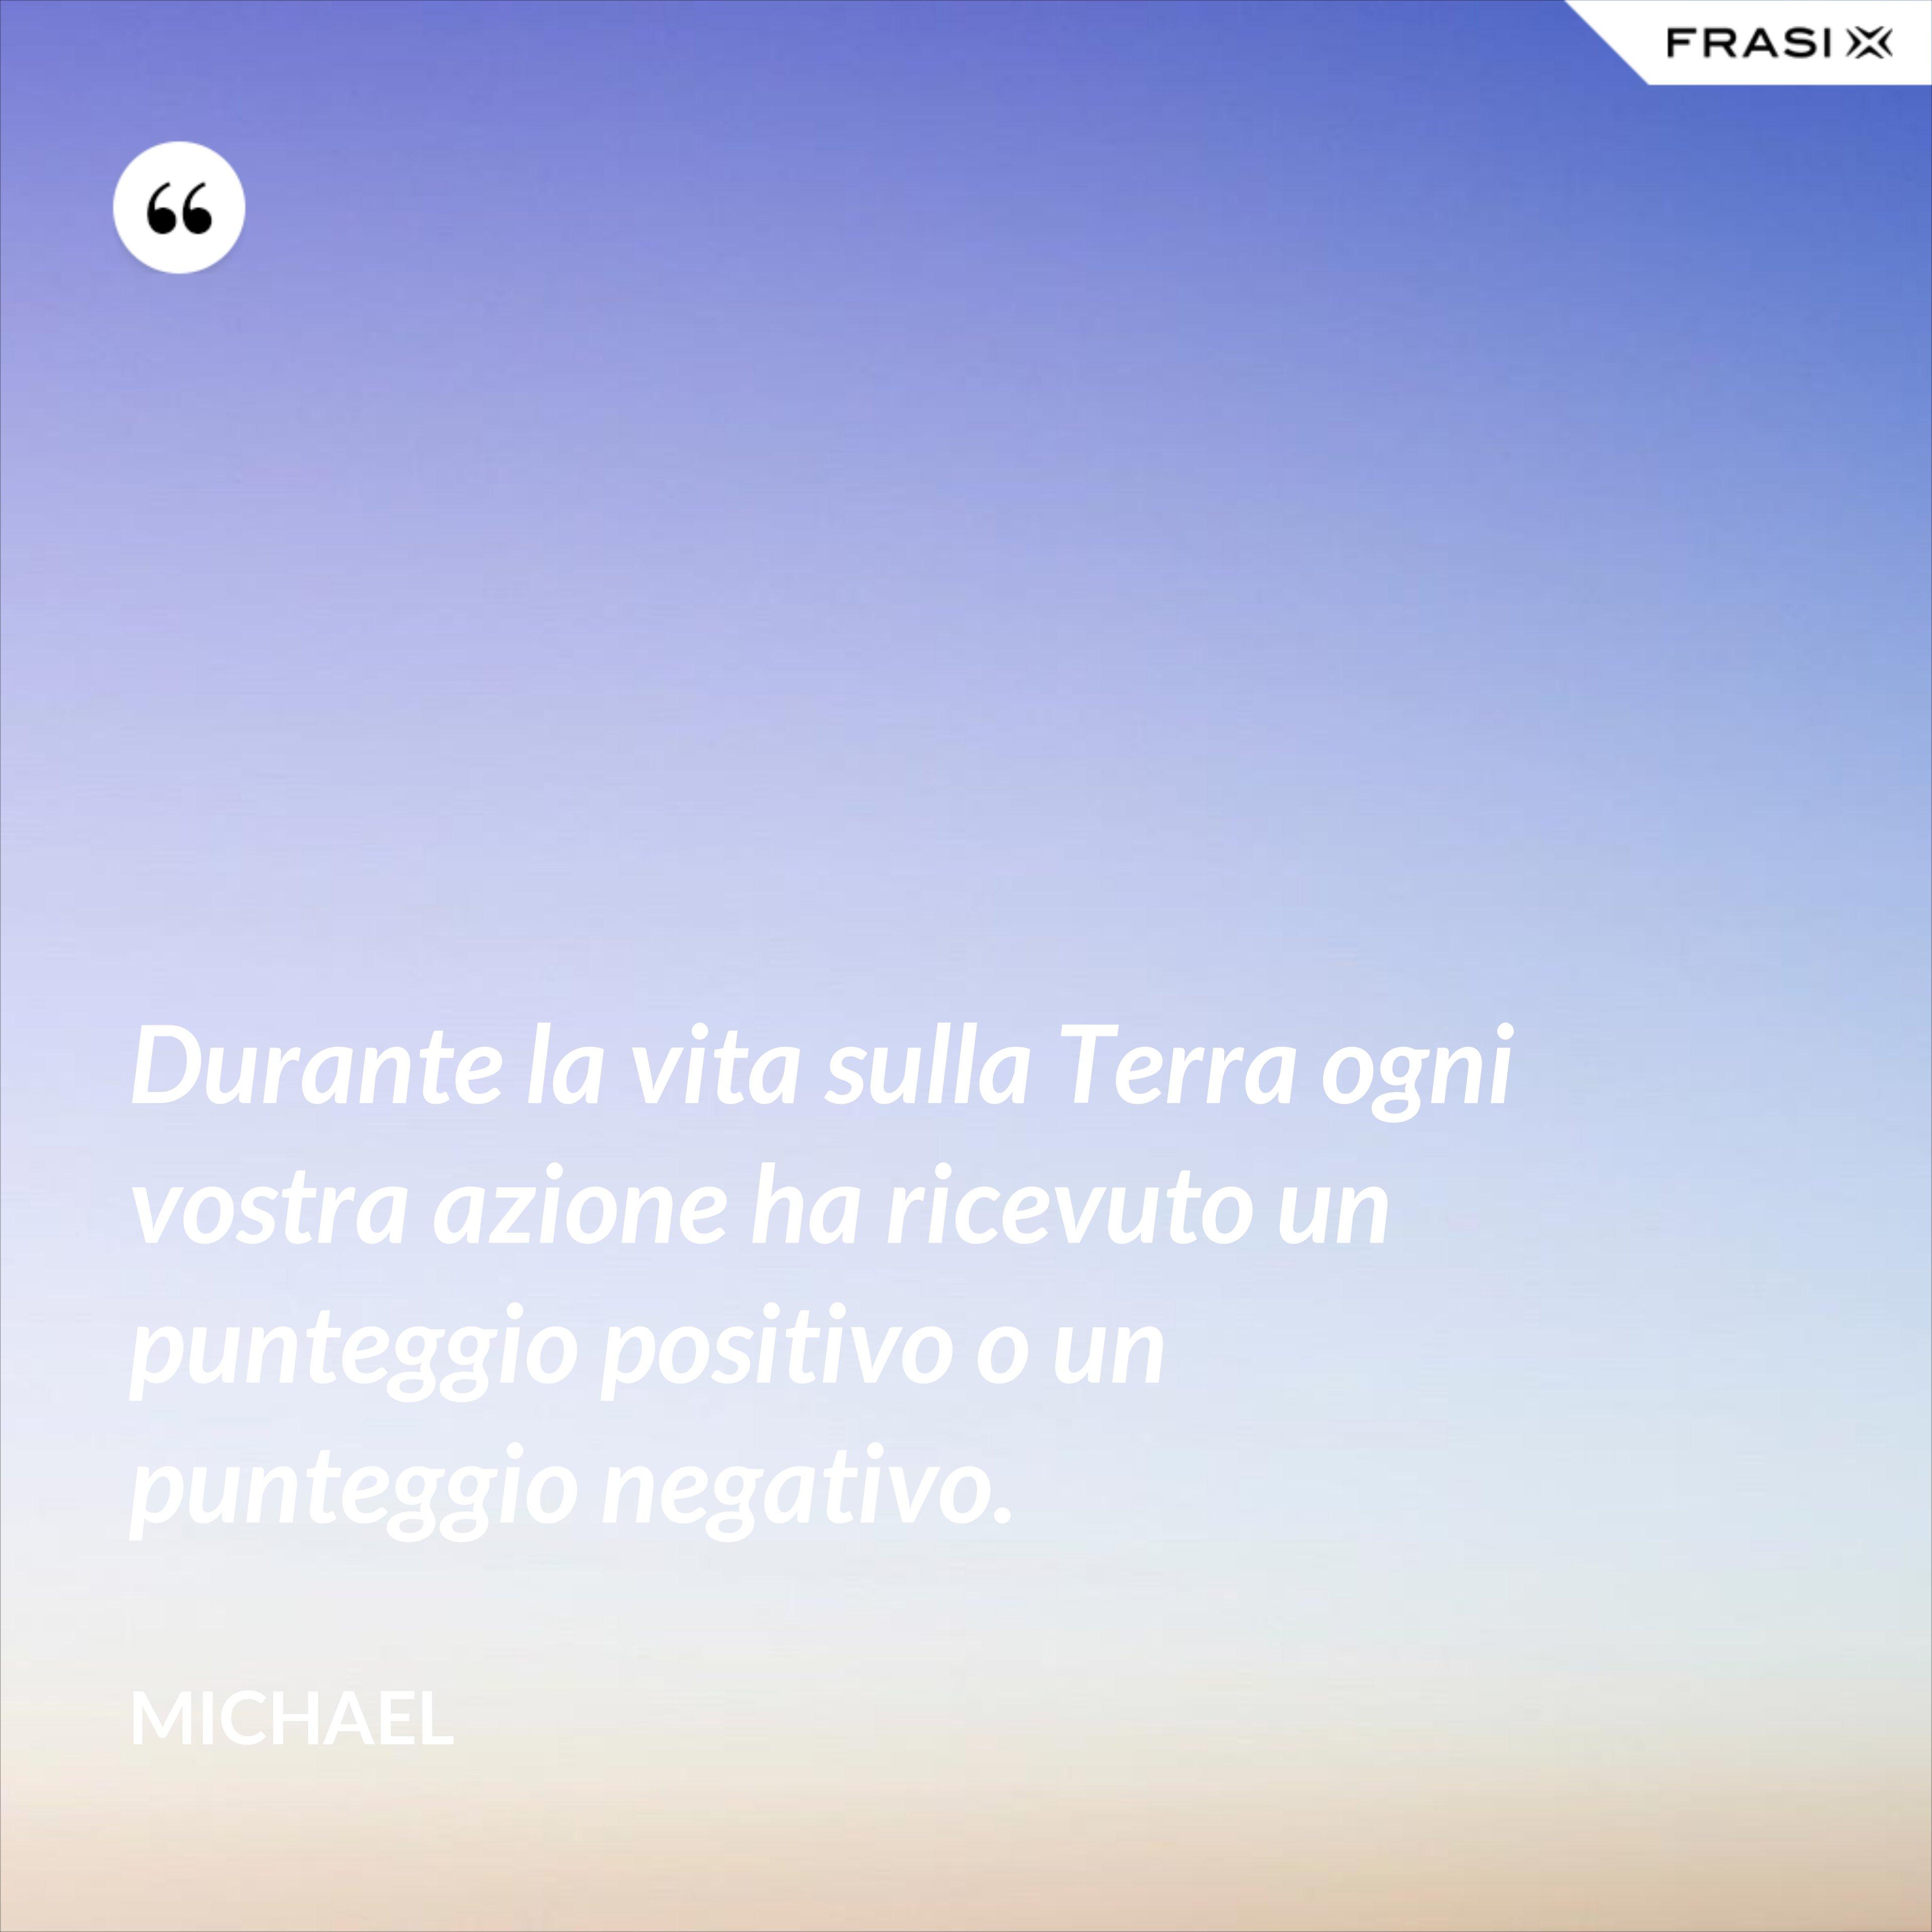 Durante la vita sulla Terra ogni vostra azione ha ricevuto un punteggio positivo o un punteggio negativo. - Michael